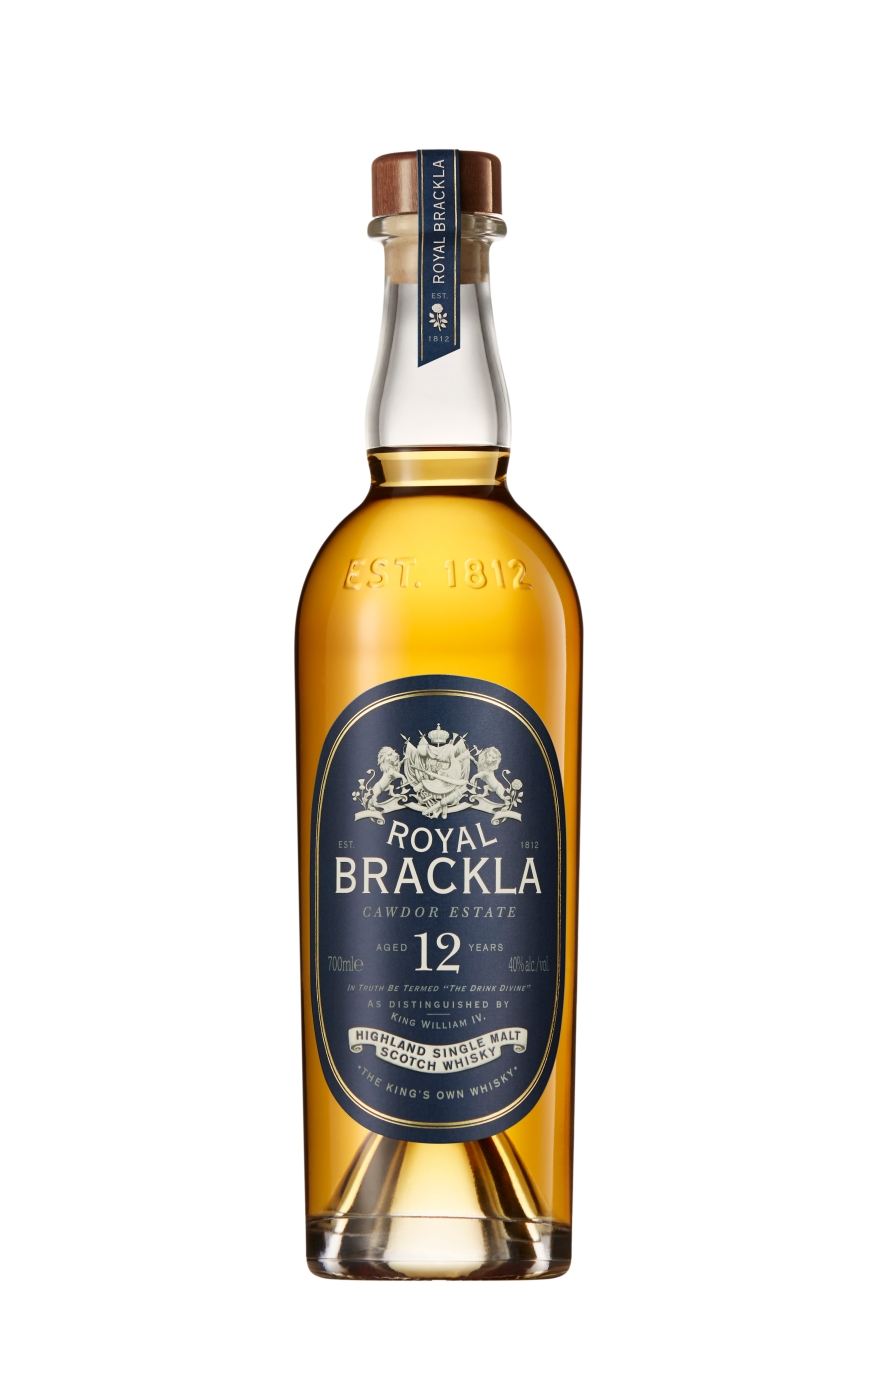 Brackla_Hero_Bottle_1J_12_White3320x5270